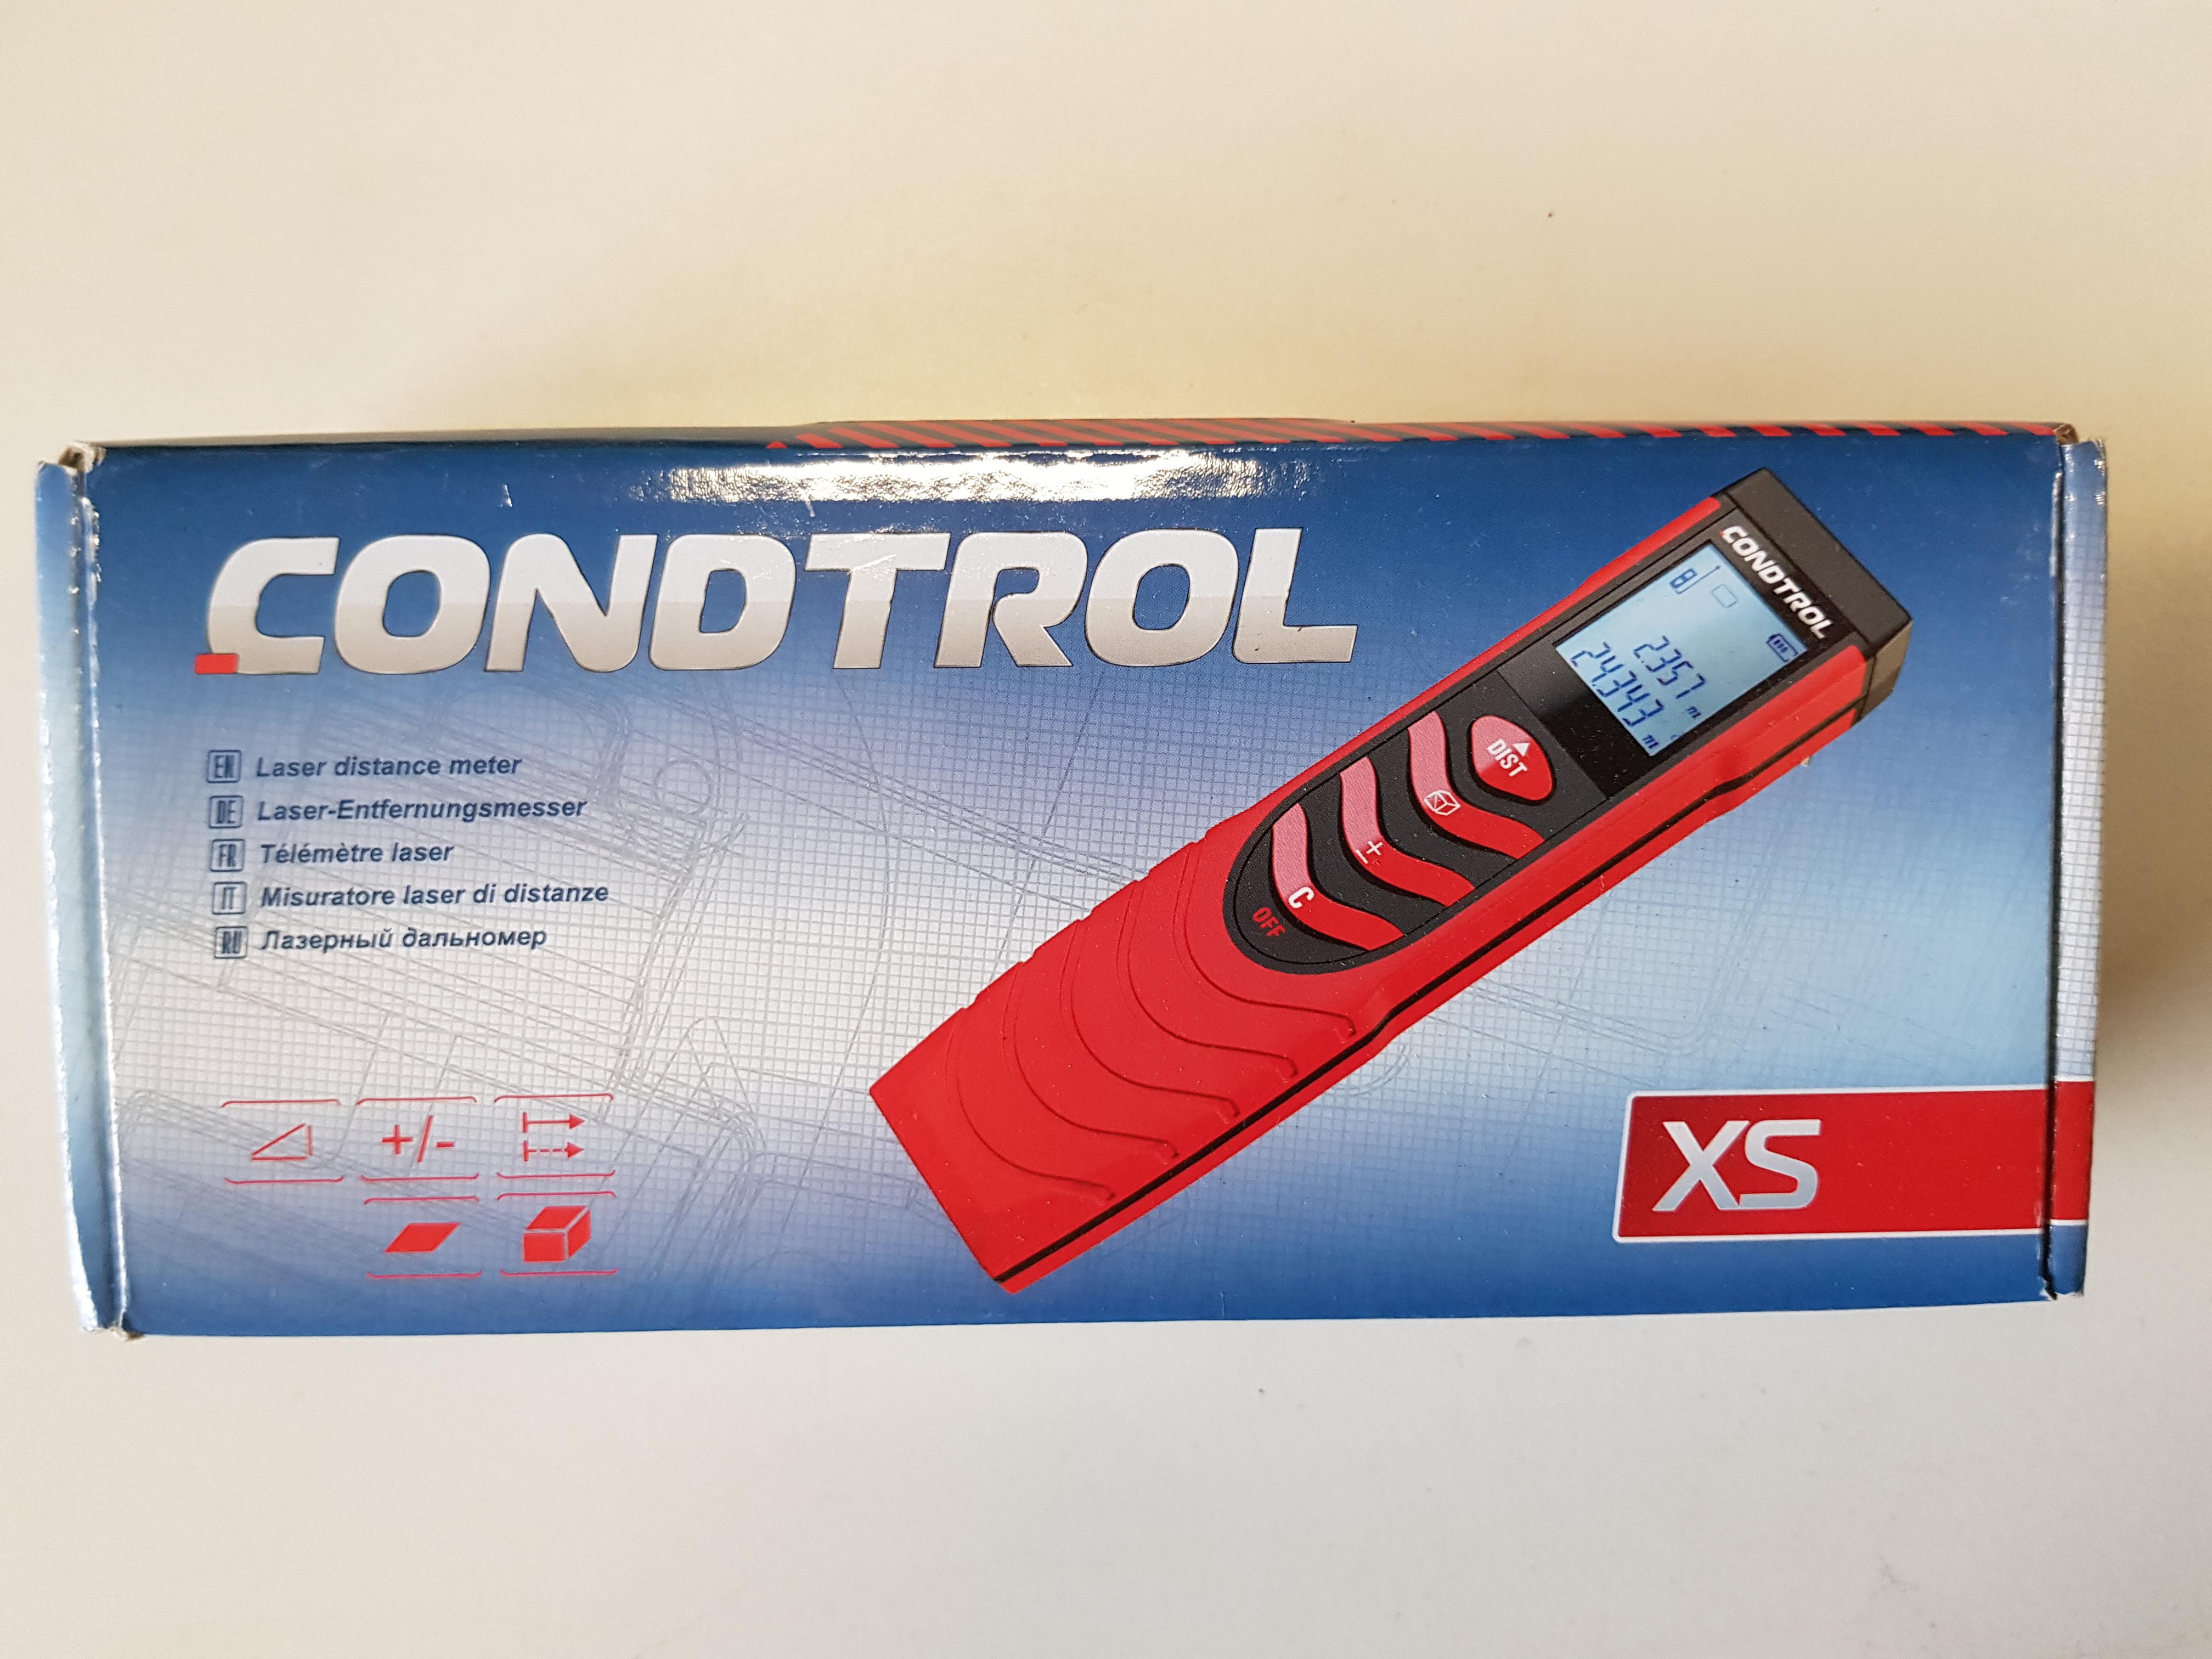 Condtrol xs laser entfernungsmesser industrie restposten kurz